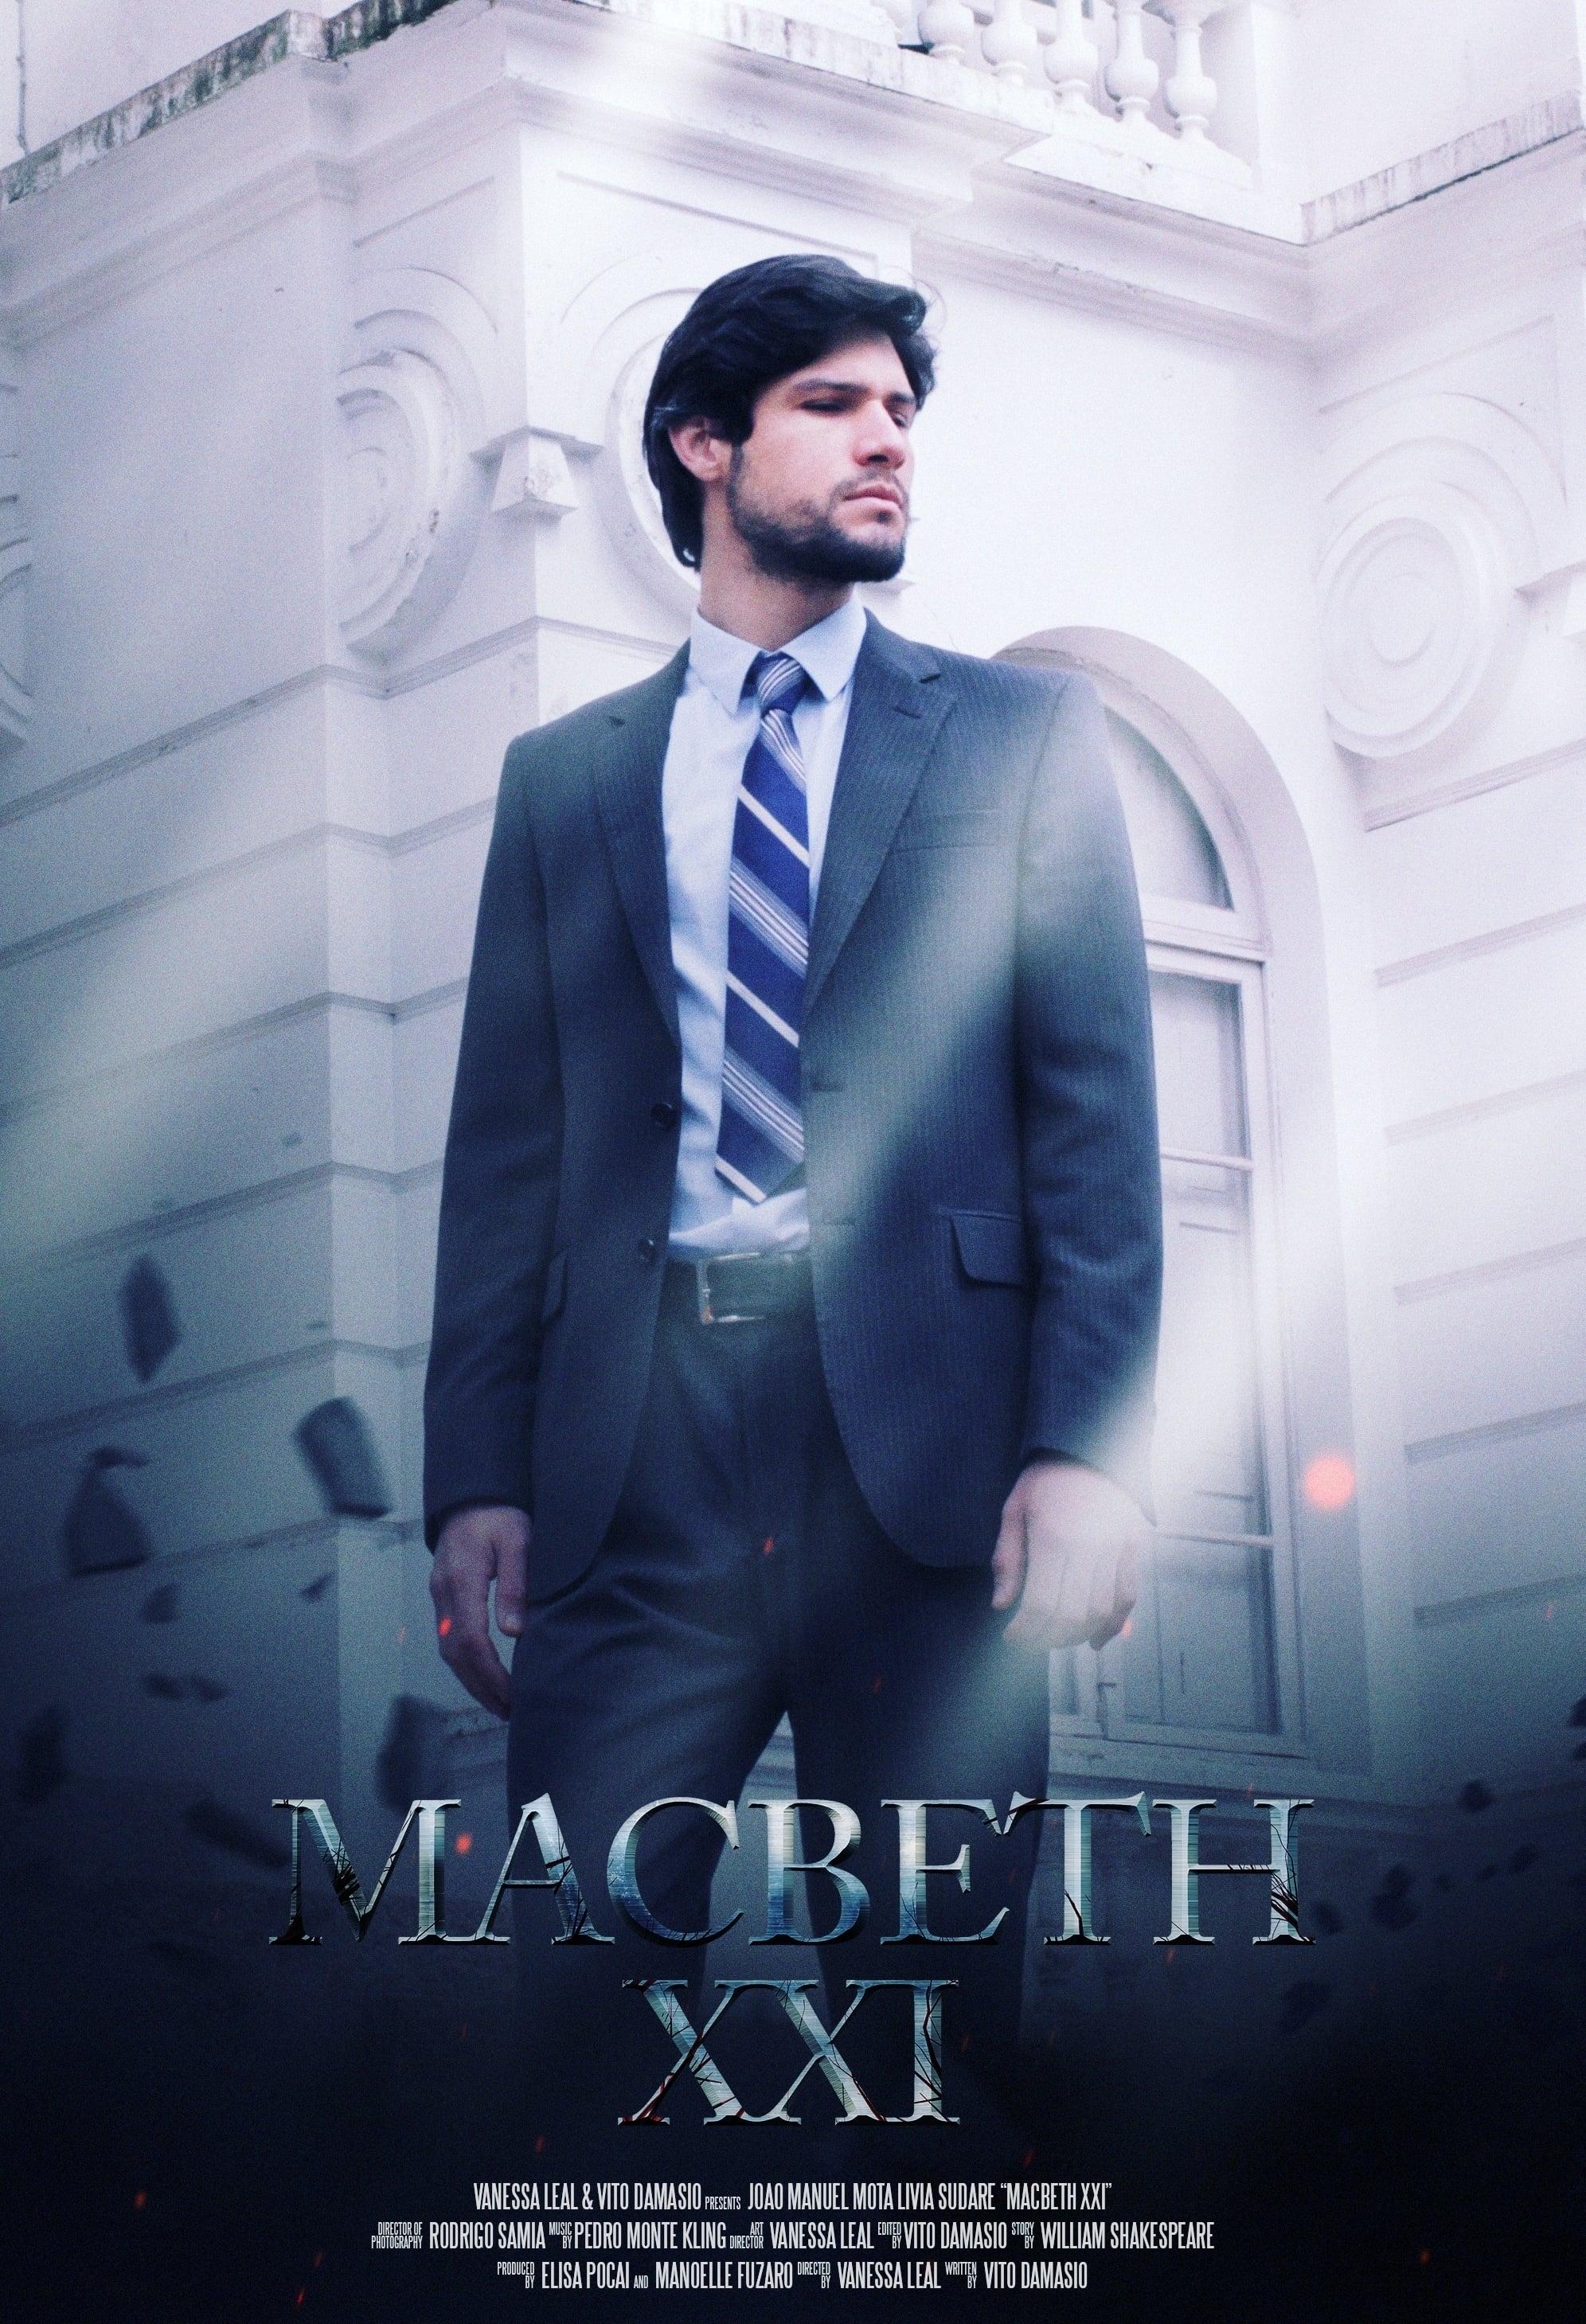 Macbeth XXI (2016)